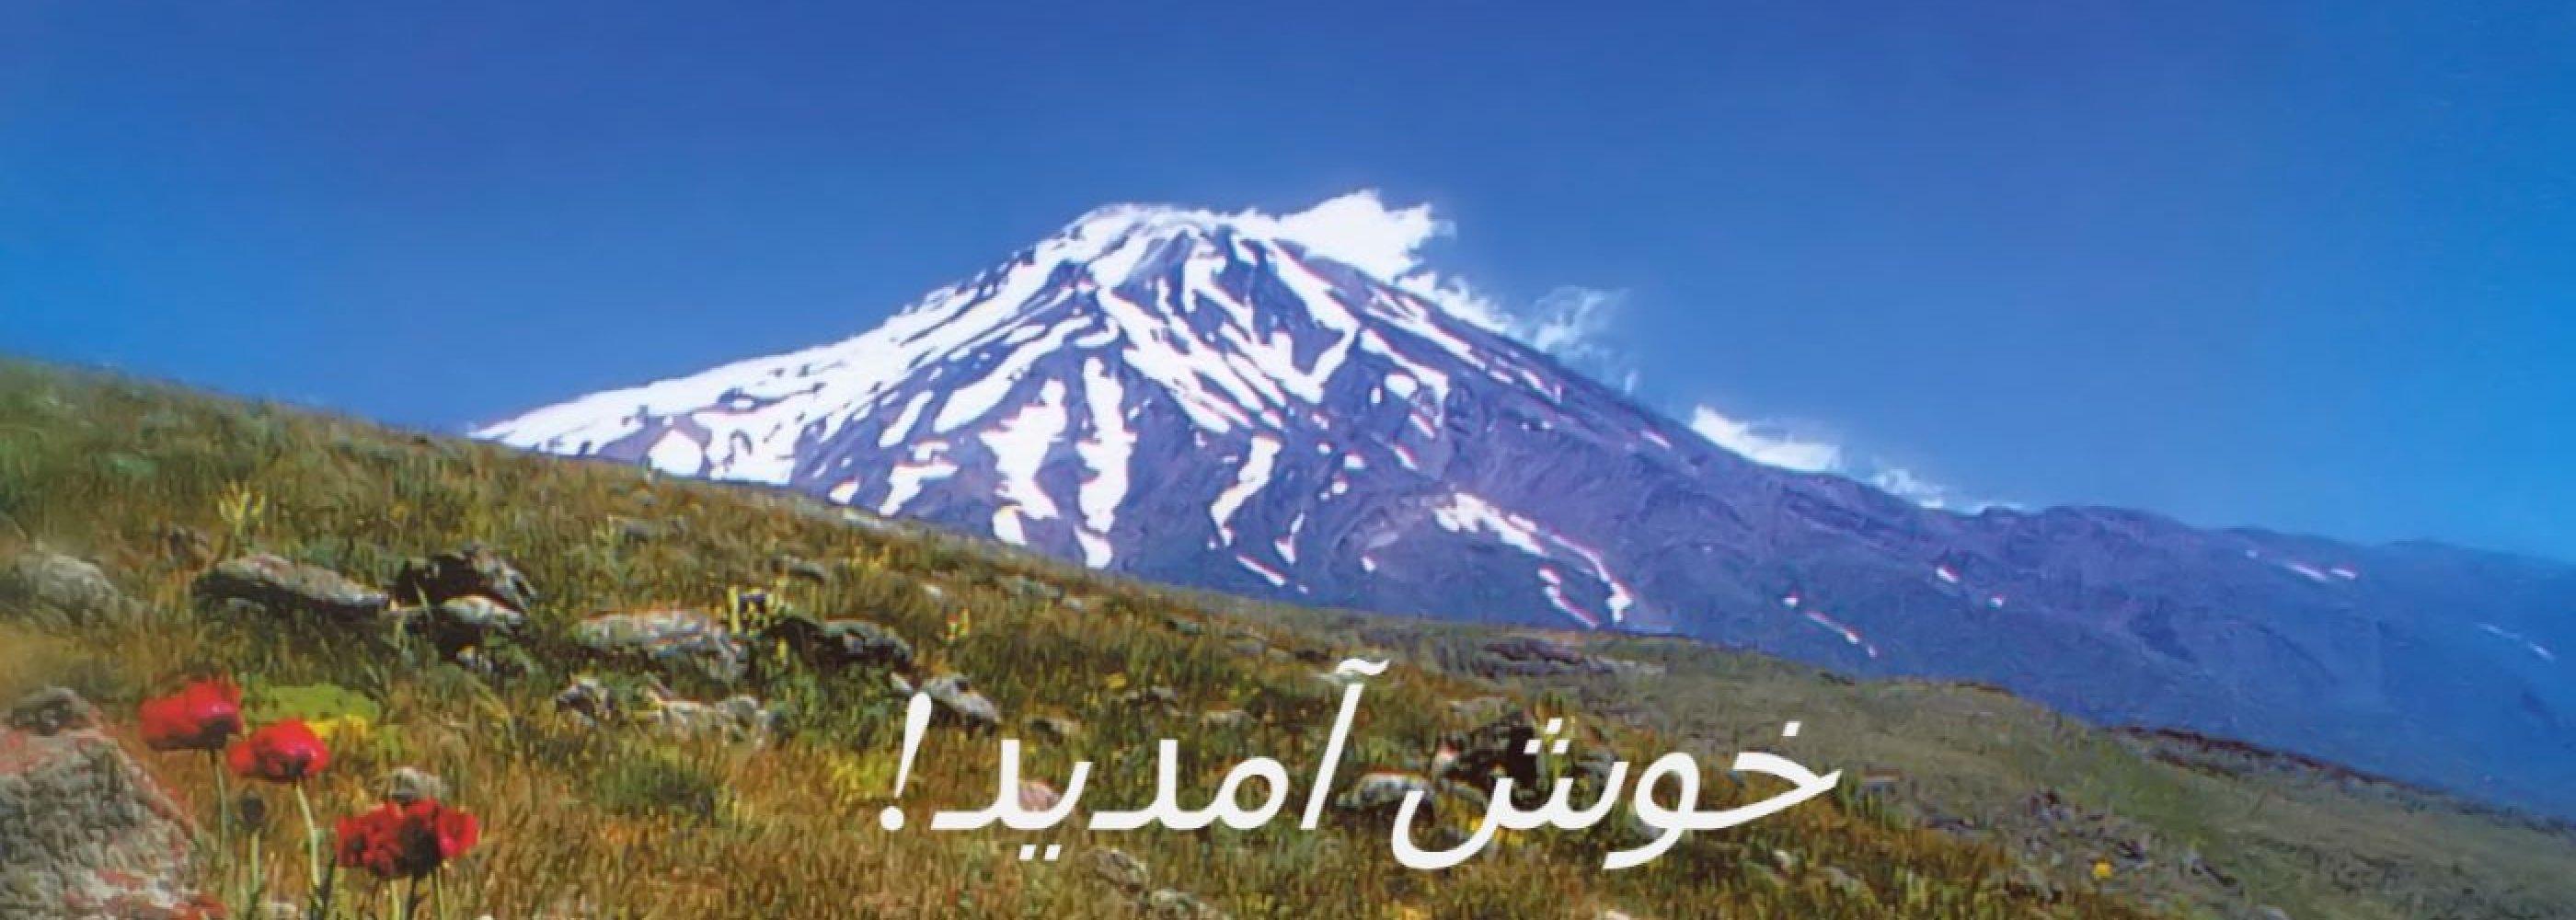 قله ی دماوند در بهار با دامنه ای  پر ز لاله